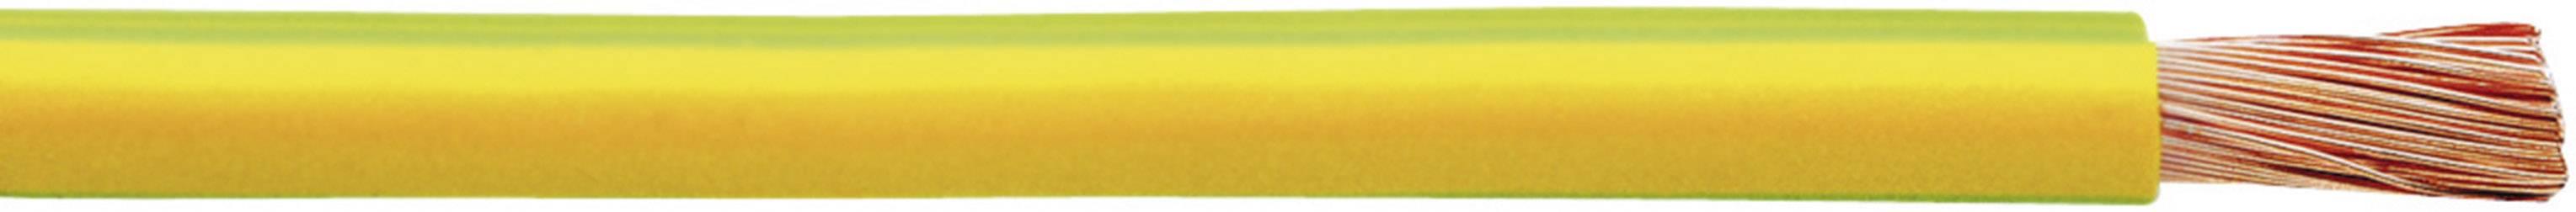 Pletenica H07V-K 1 x 16 mm, zelena-rumena Faber Kabel 040047 cena za meter